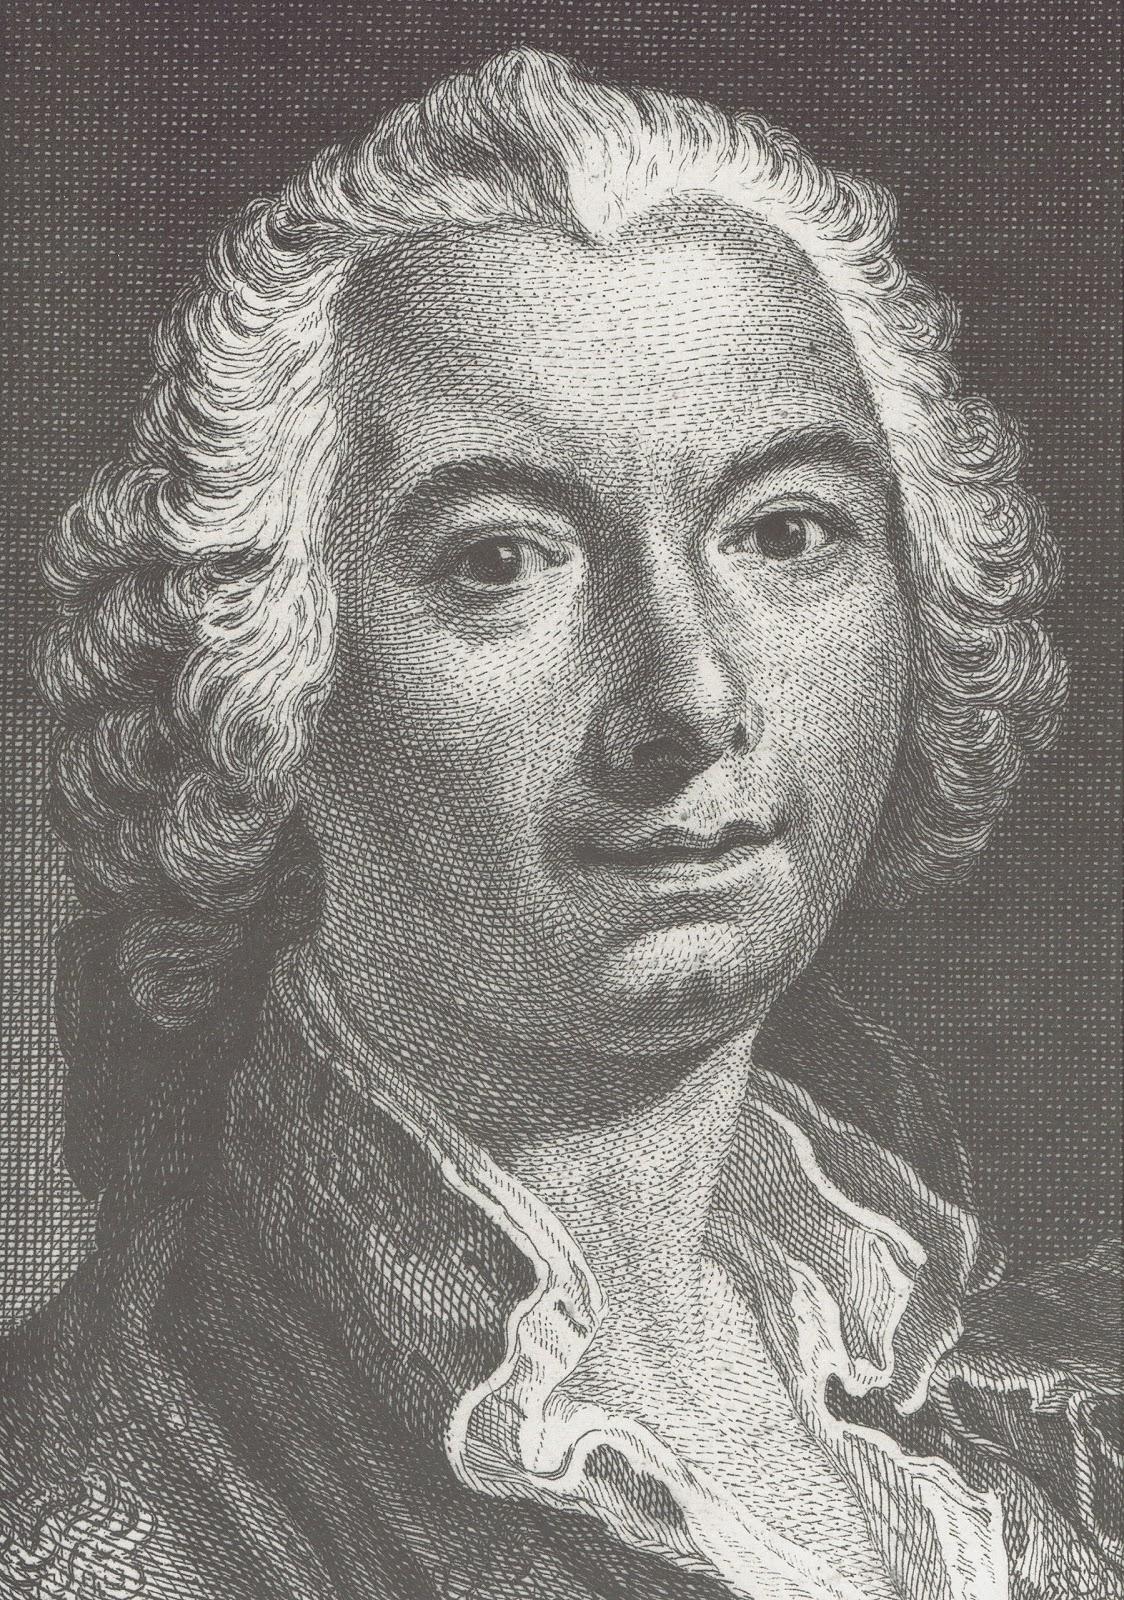 Nicolas Dauphin de Beauvais : Juste-Aurèle Meissonnier, vers 1745 (détail)